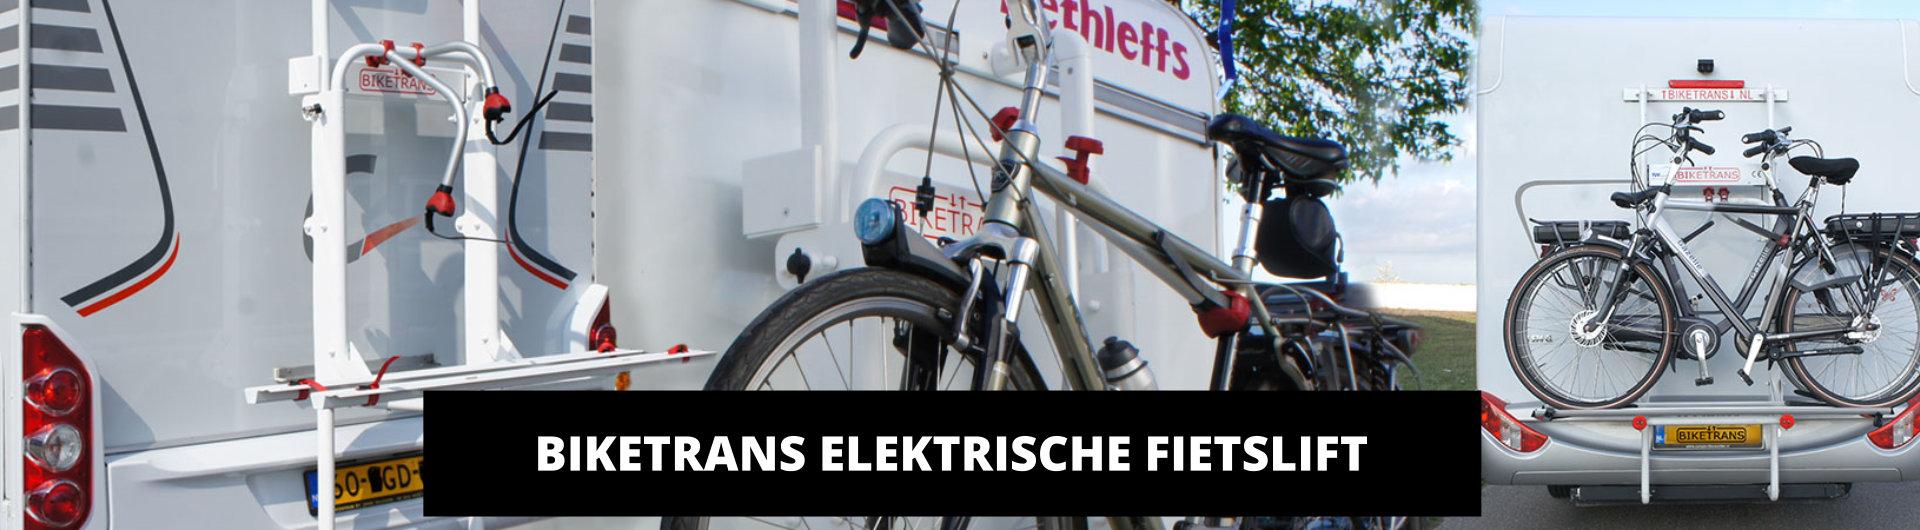 biketrans elektrische fietslift